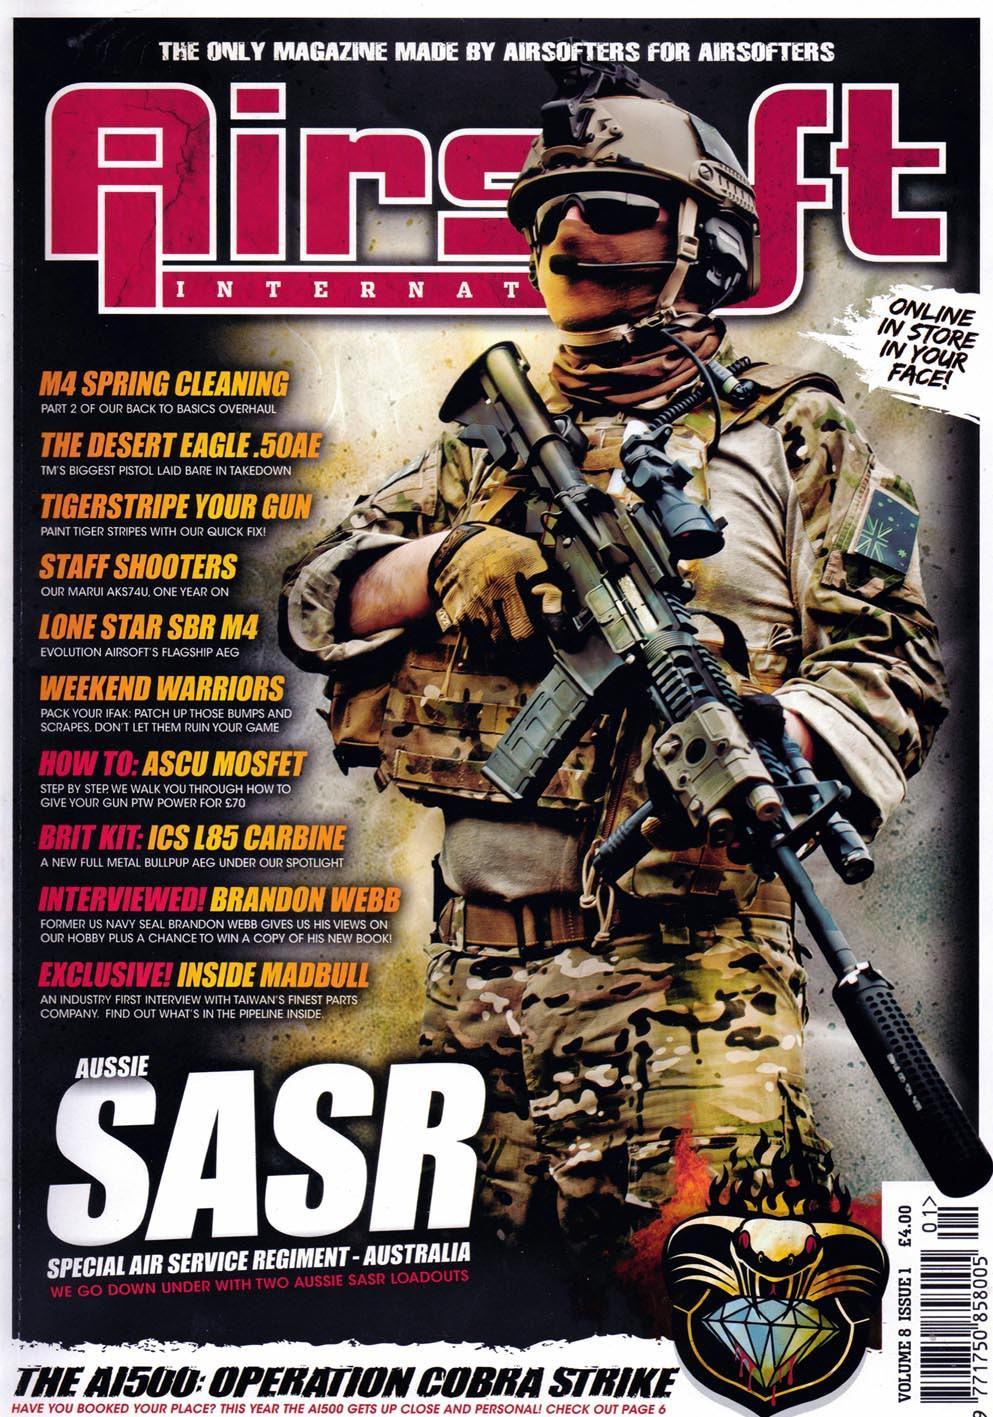 Airsoft International Volume 8 Issue  1 (June 2012)